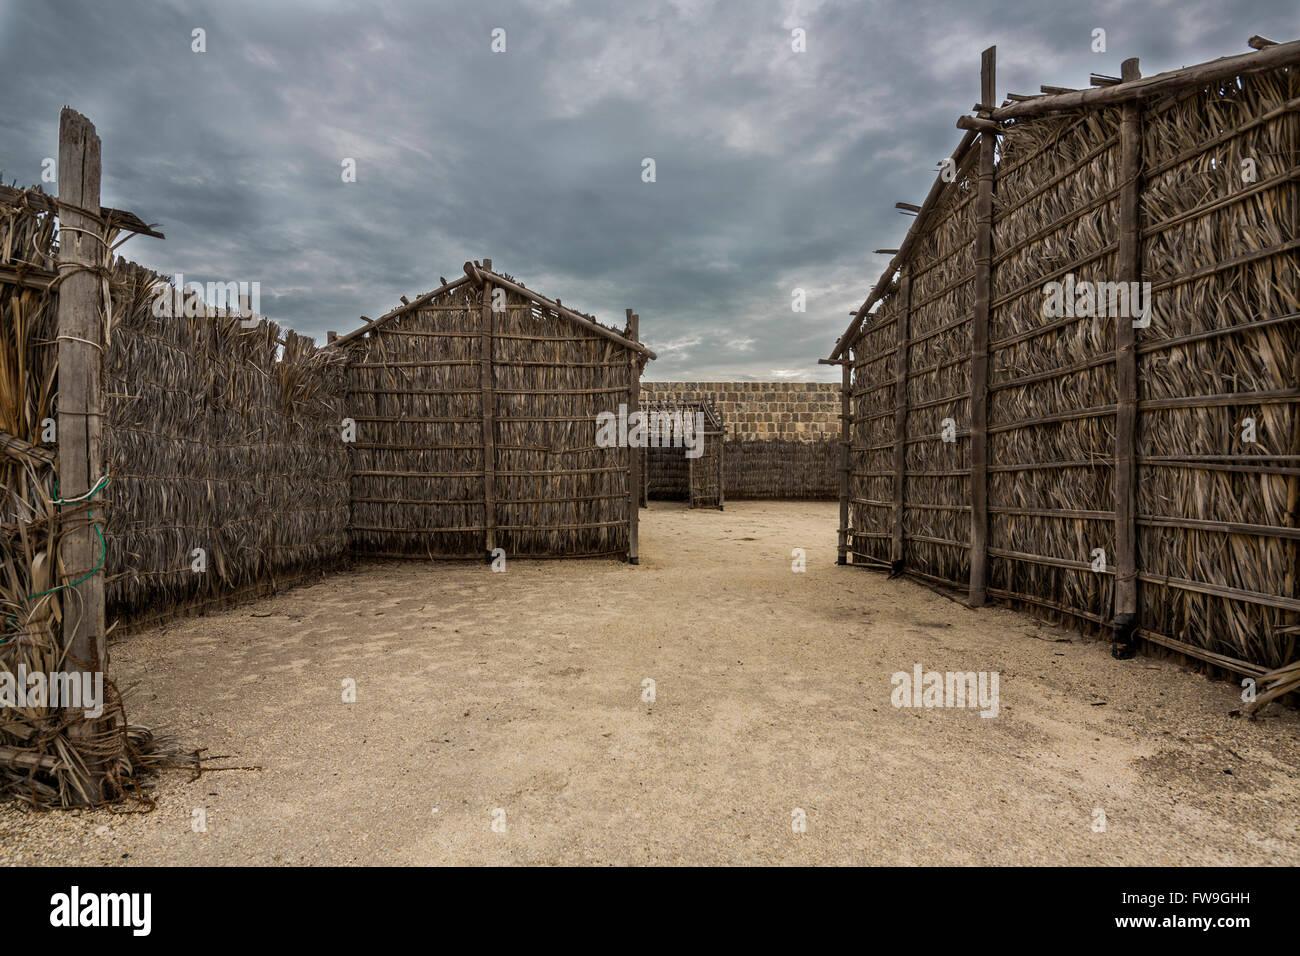 Arish ha o chozas barasti, Qal'at al-Bahrain, también conocido como el Fuerte de Bahrein Imagen De Stock